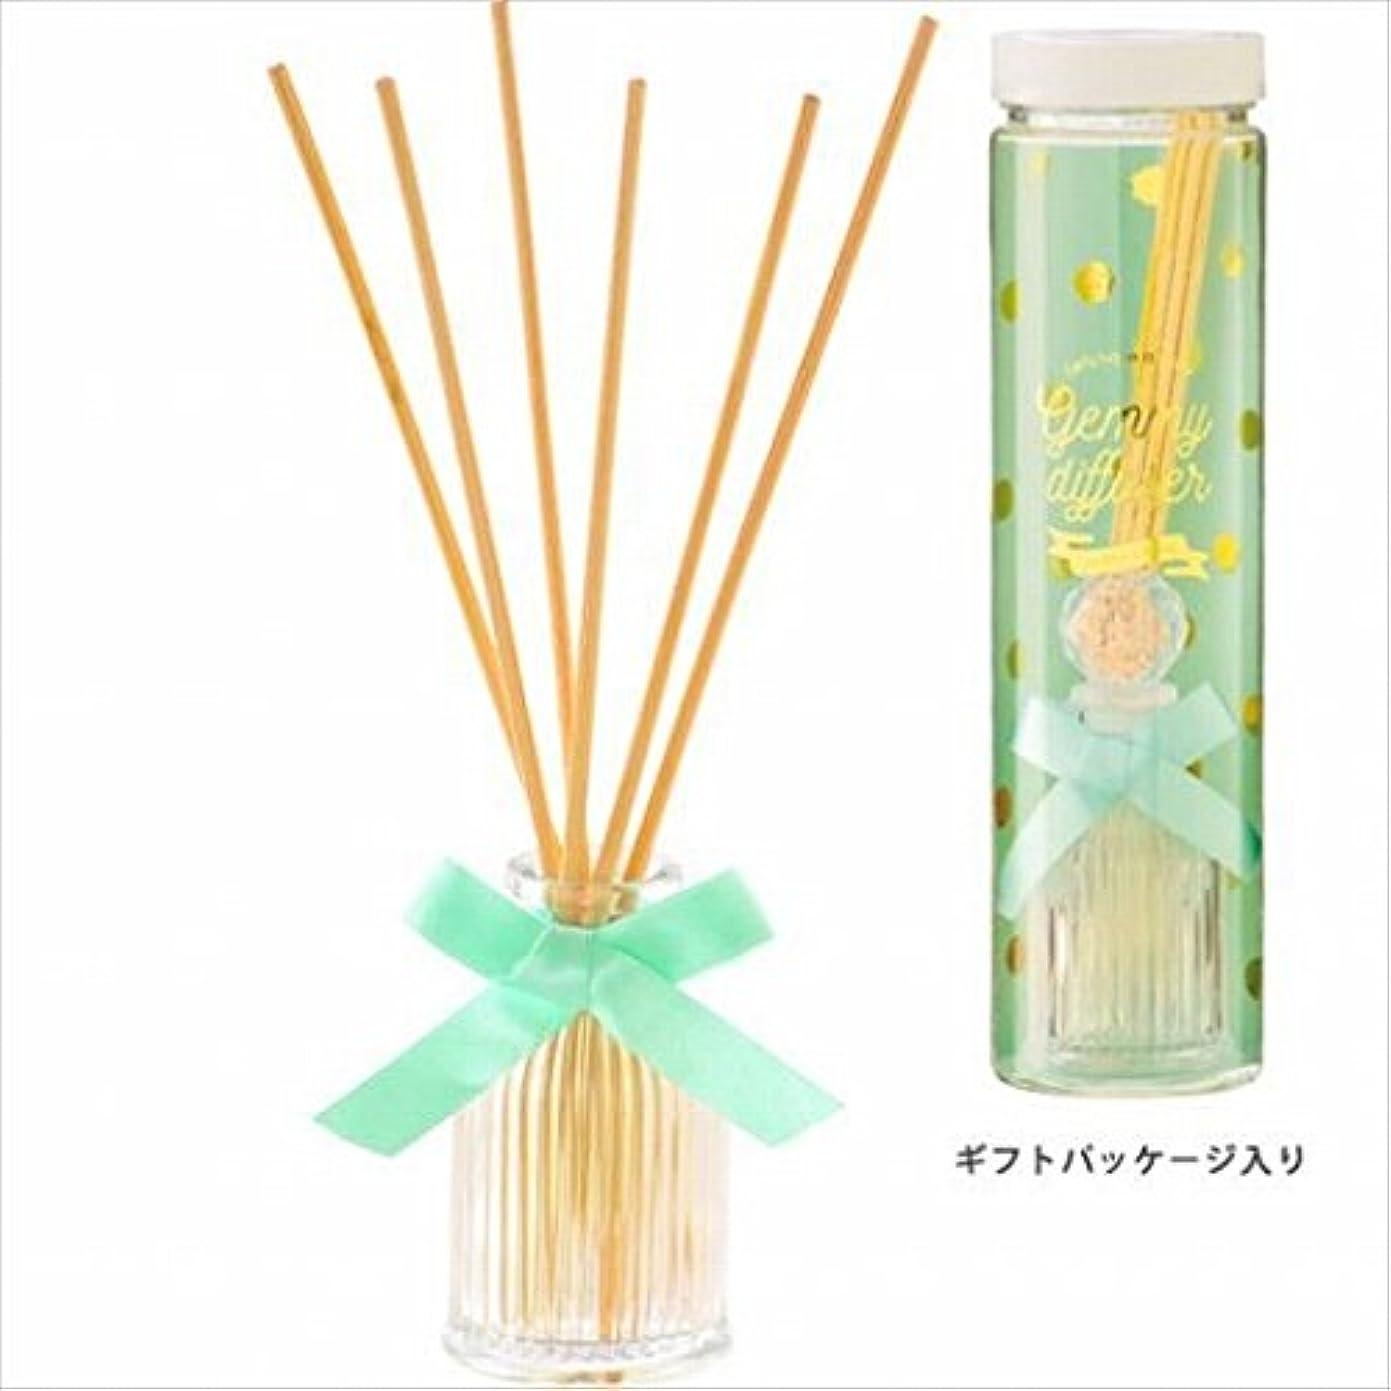 ふけるクスクス熱意カメヤマキャンドル(kameyama candle) GEMMY (ジェミー) ディフューザー 「 タイム 」6個セット